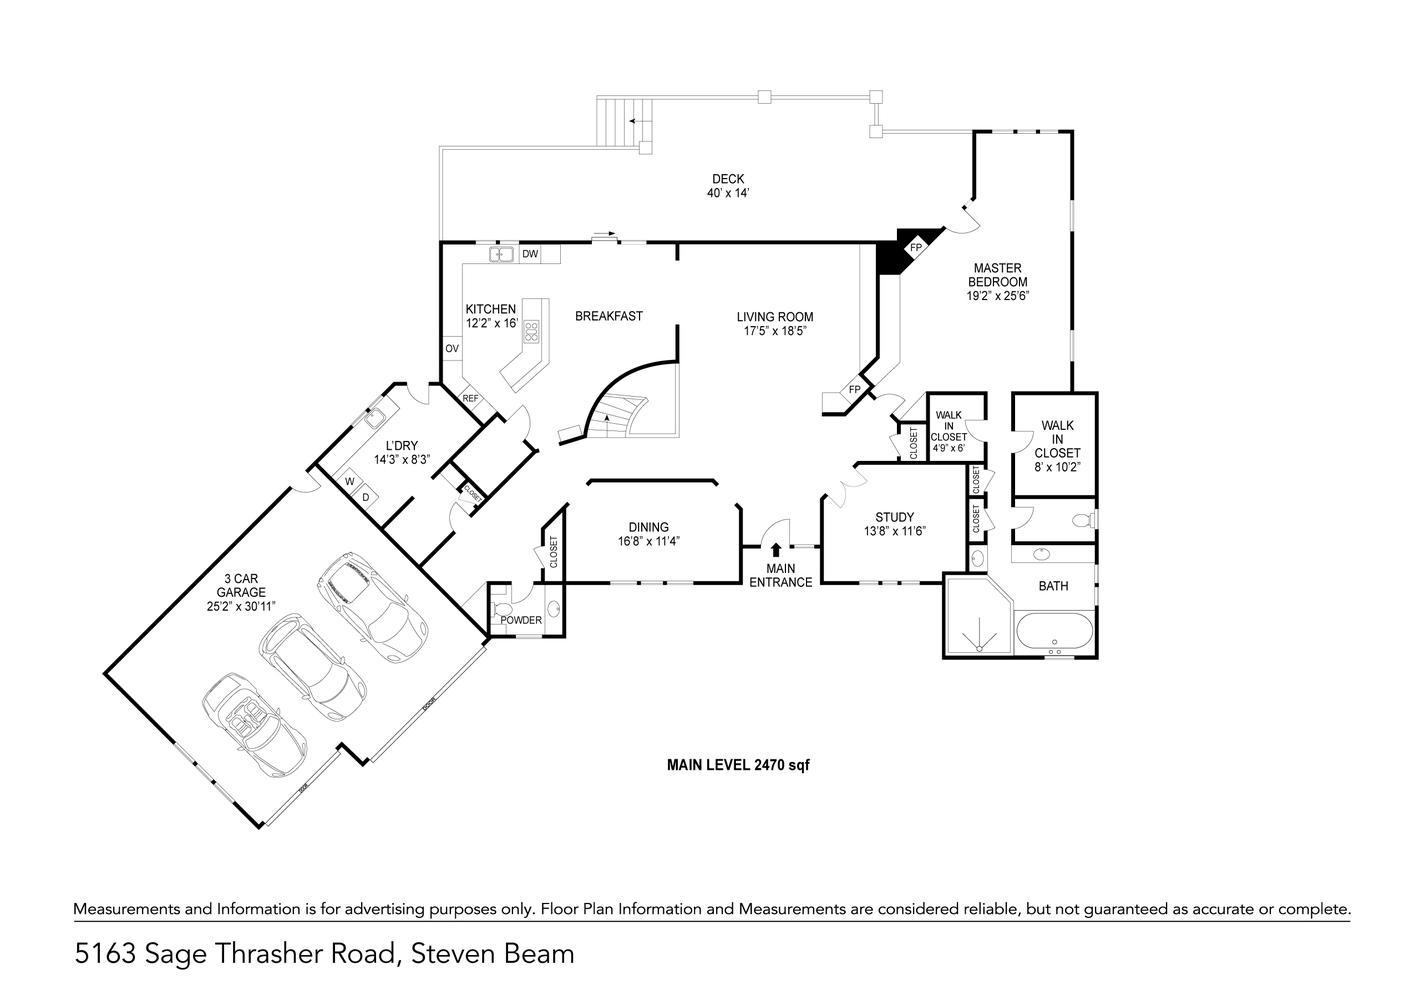 5163 Sage Thrasher Rd The Timbers Neighborhood